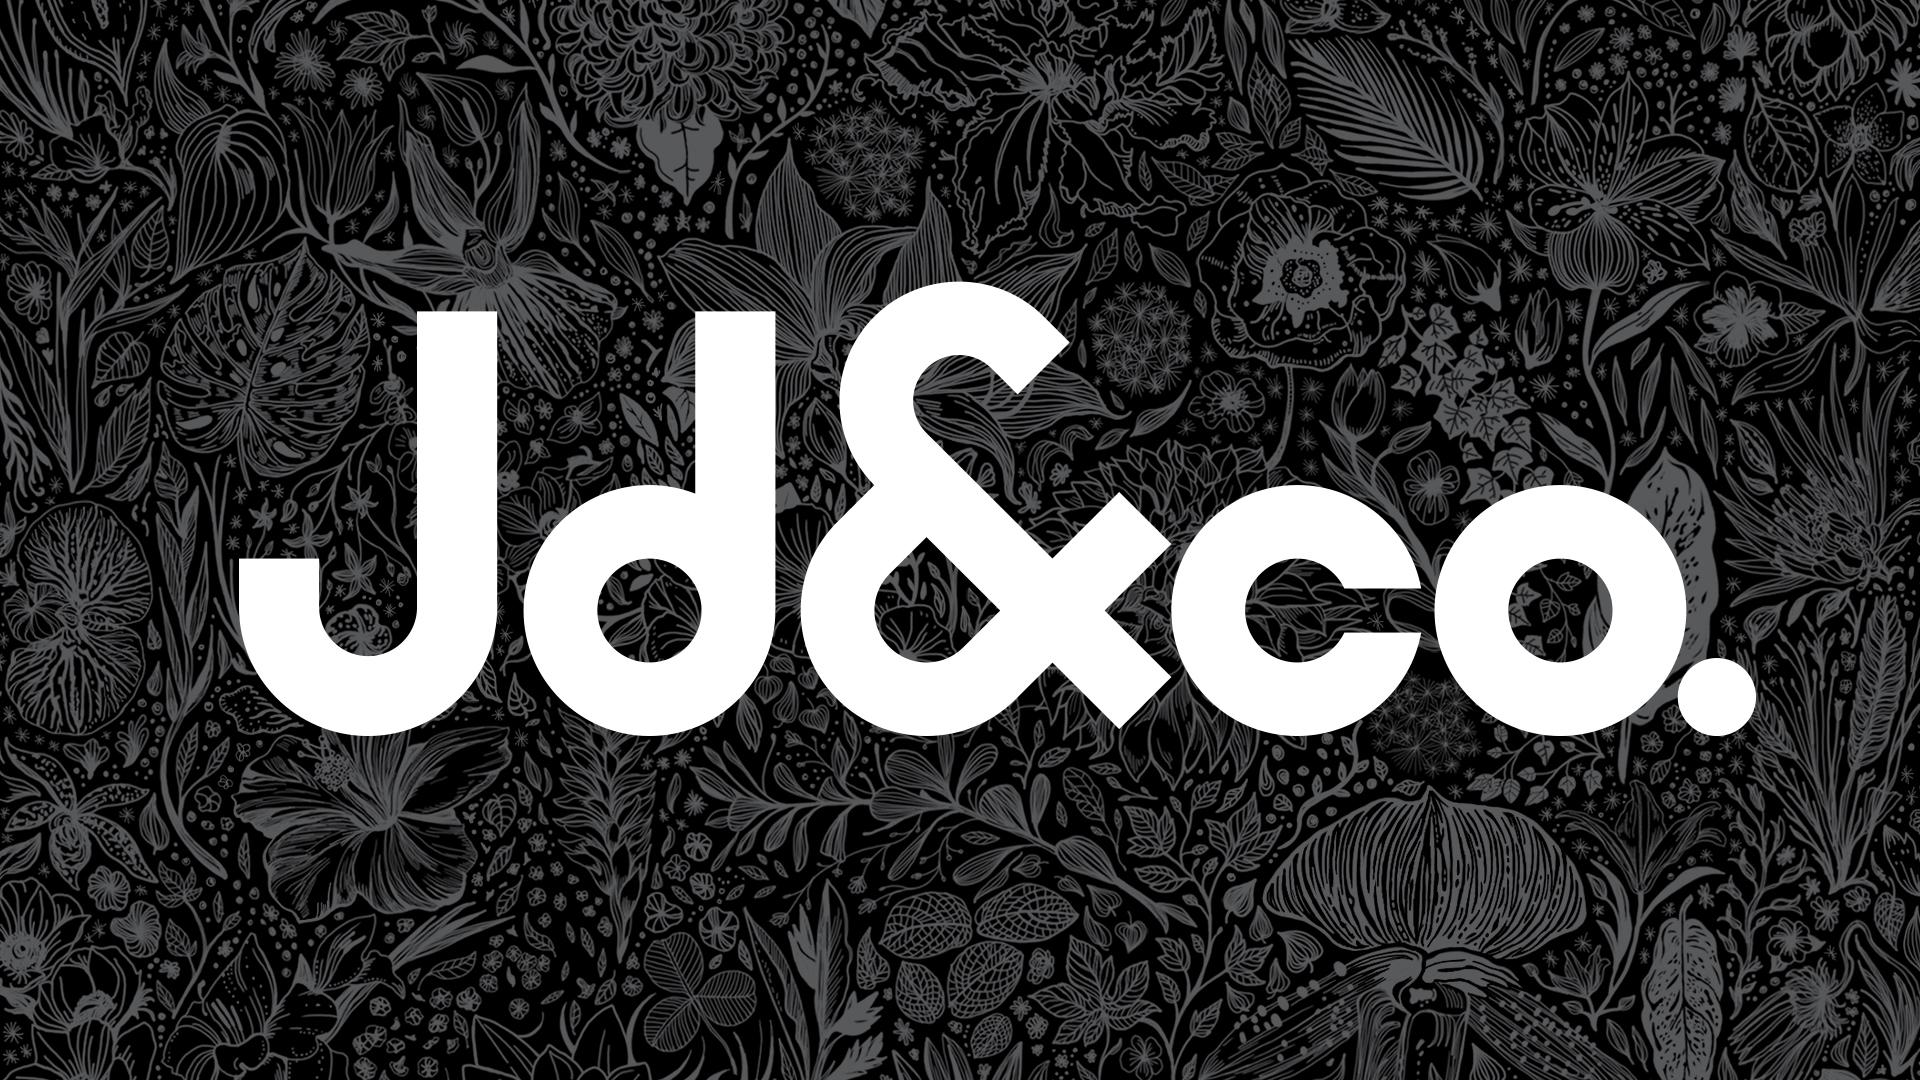 Jd&co. logo